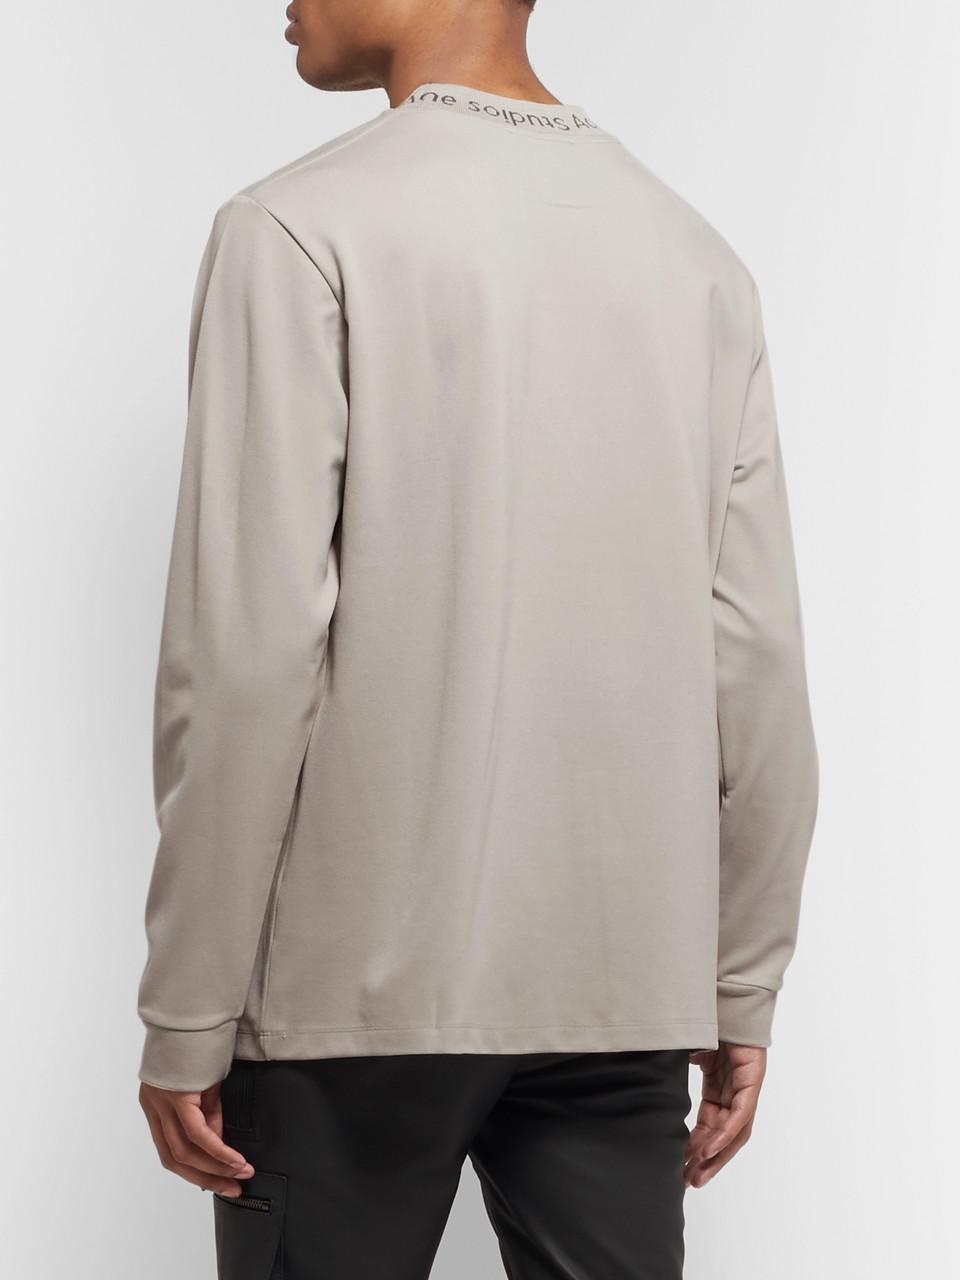 flogho-logo-print-stretch-jersey-t-shirt by mrporter